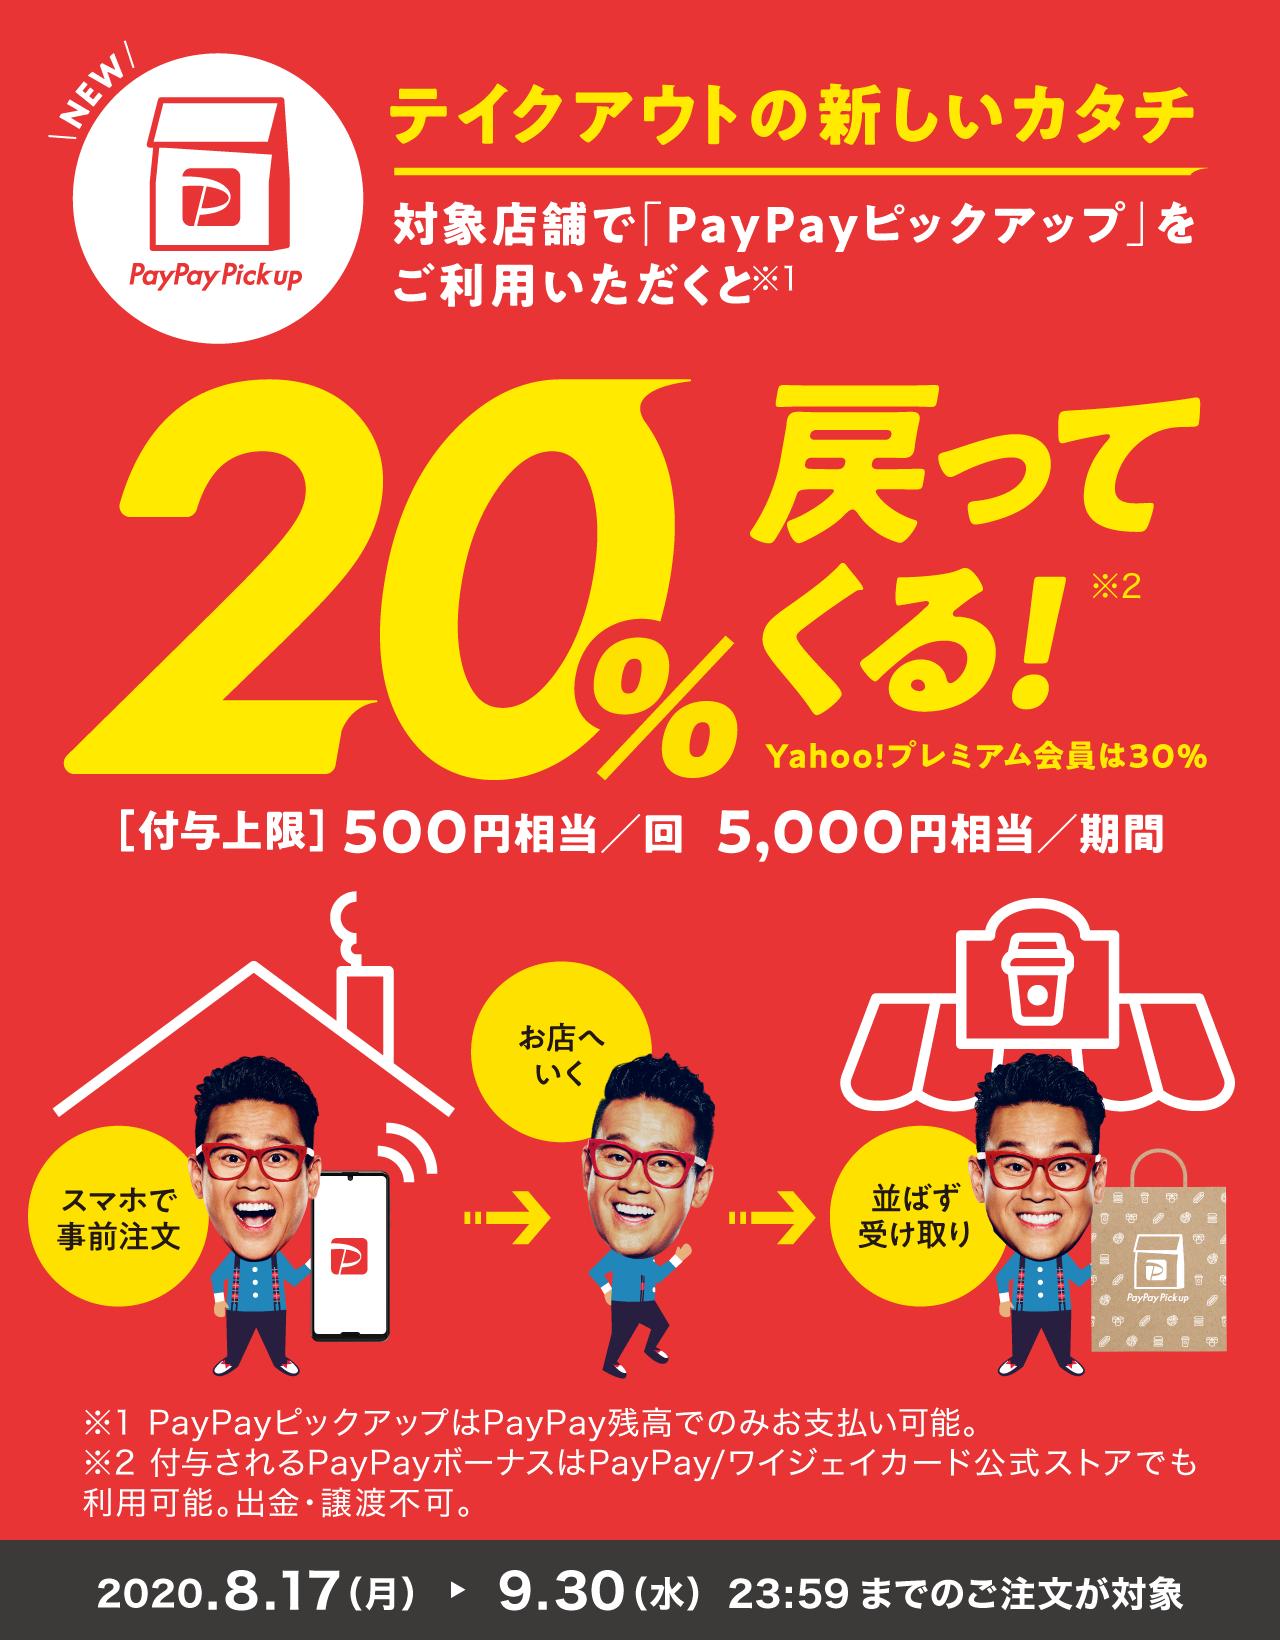 対象店舗で「PayPayピックアップ」をご利用いただくと20%戻ってくる!